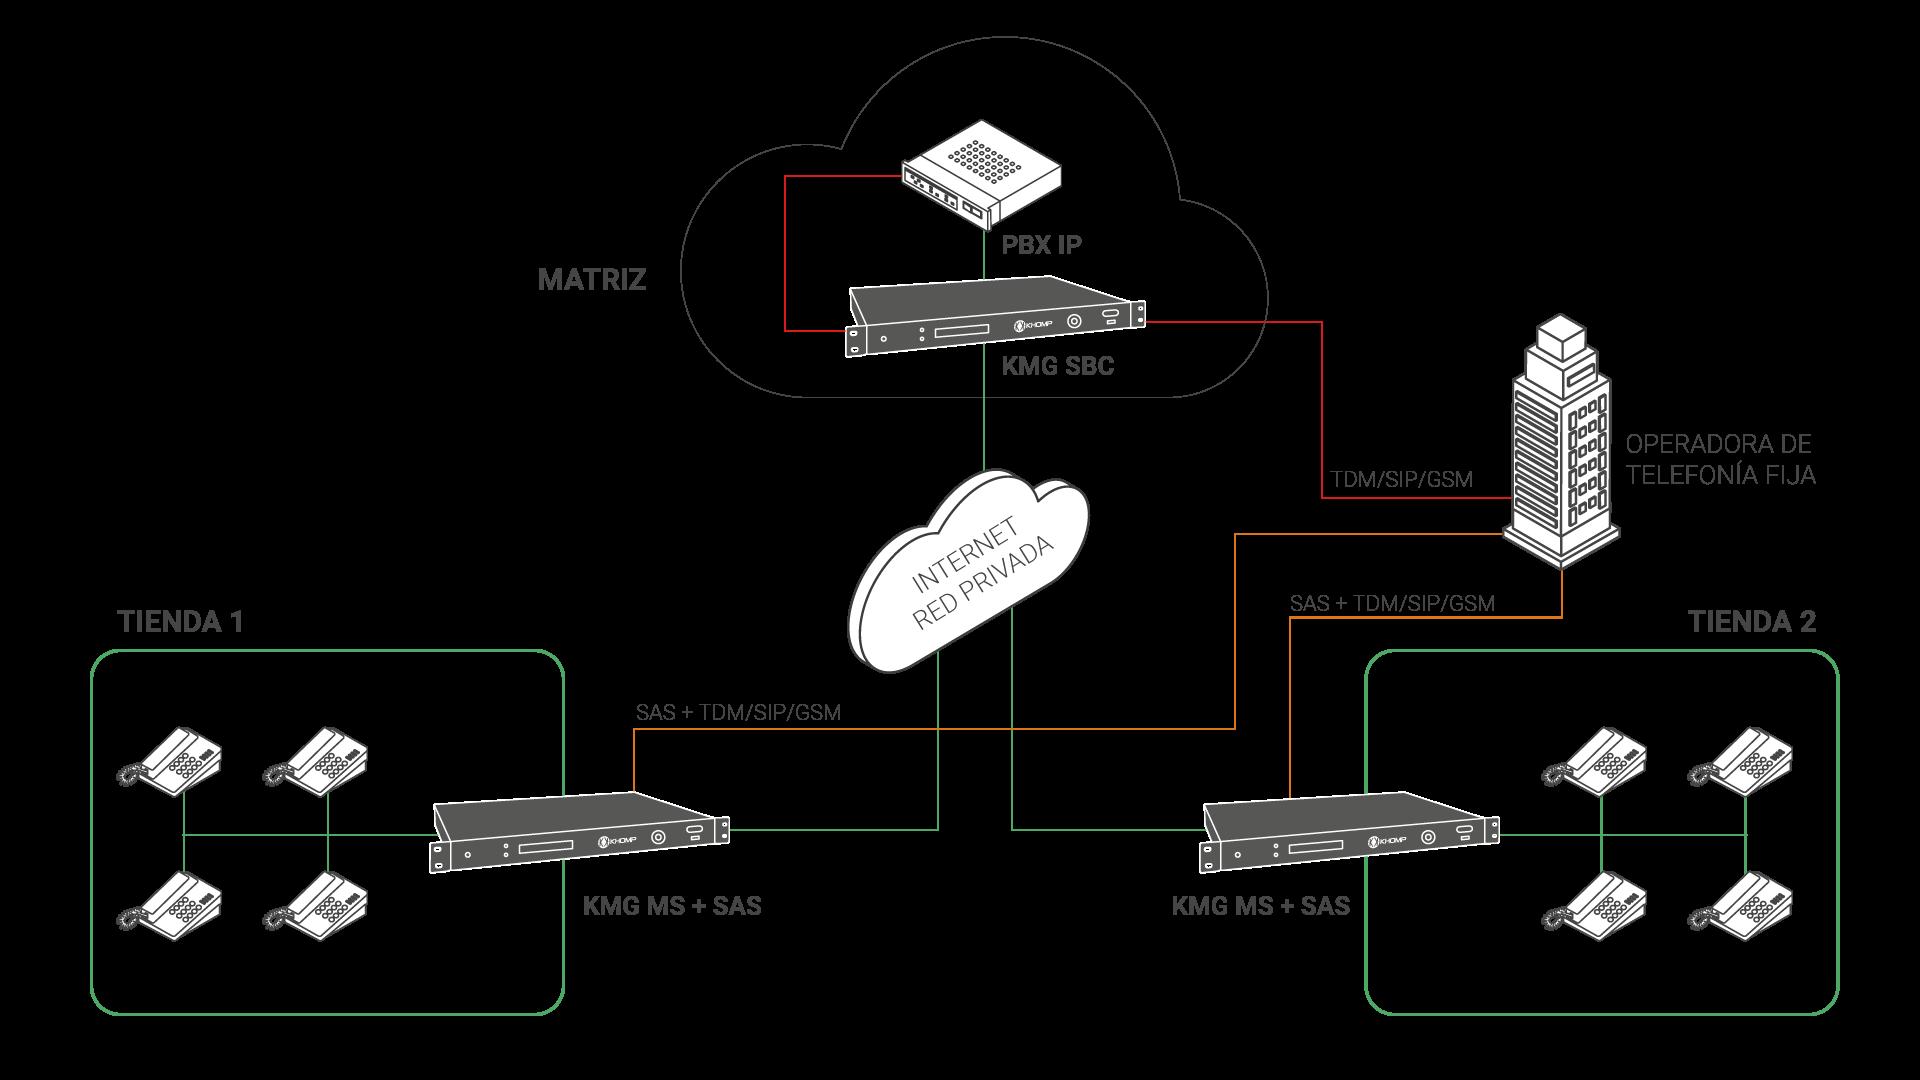 Modelo de aplicación Matriz - Sobrevivencia en los gateways Khomp